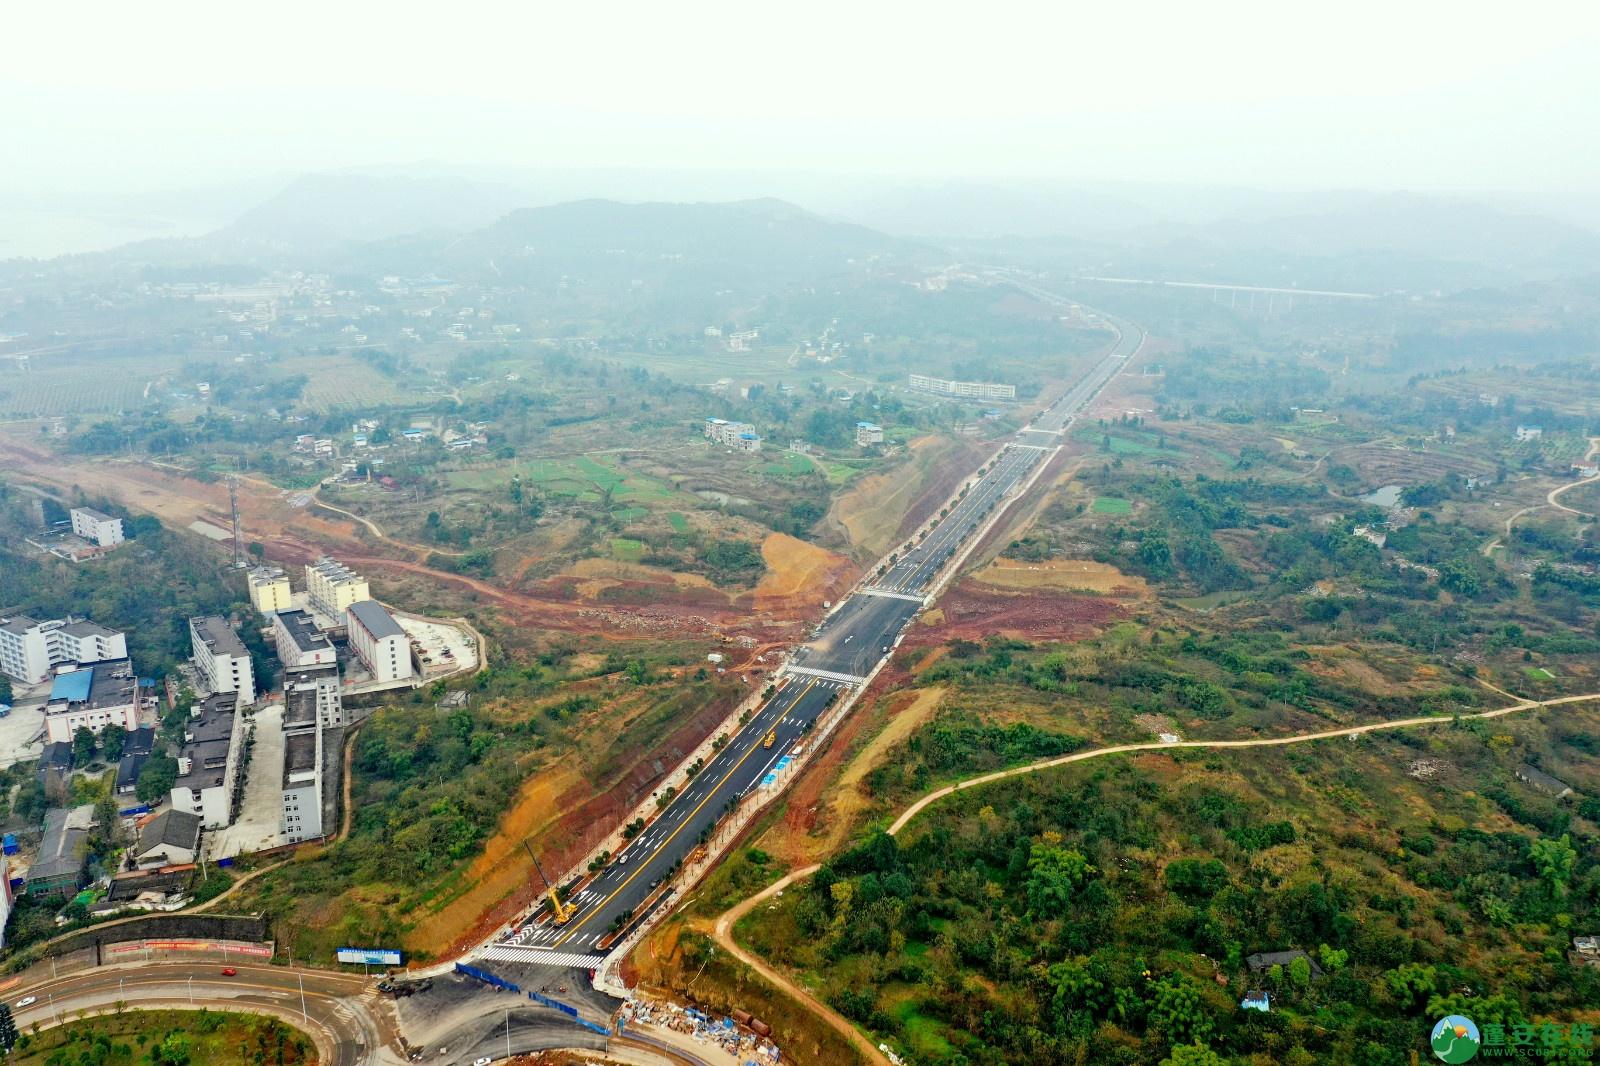 蓬安县凤凰大桥西延线、燕山大道、锦屏干一道、抚琴大道交通要道最新进展!(2019.12.24) - 第32张  | 蓬安在线